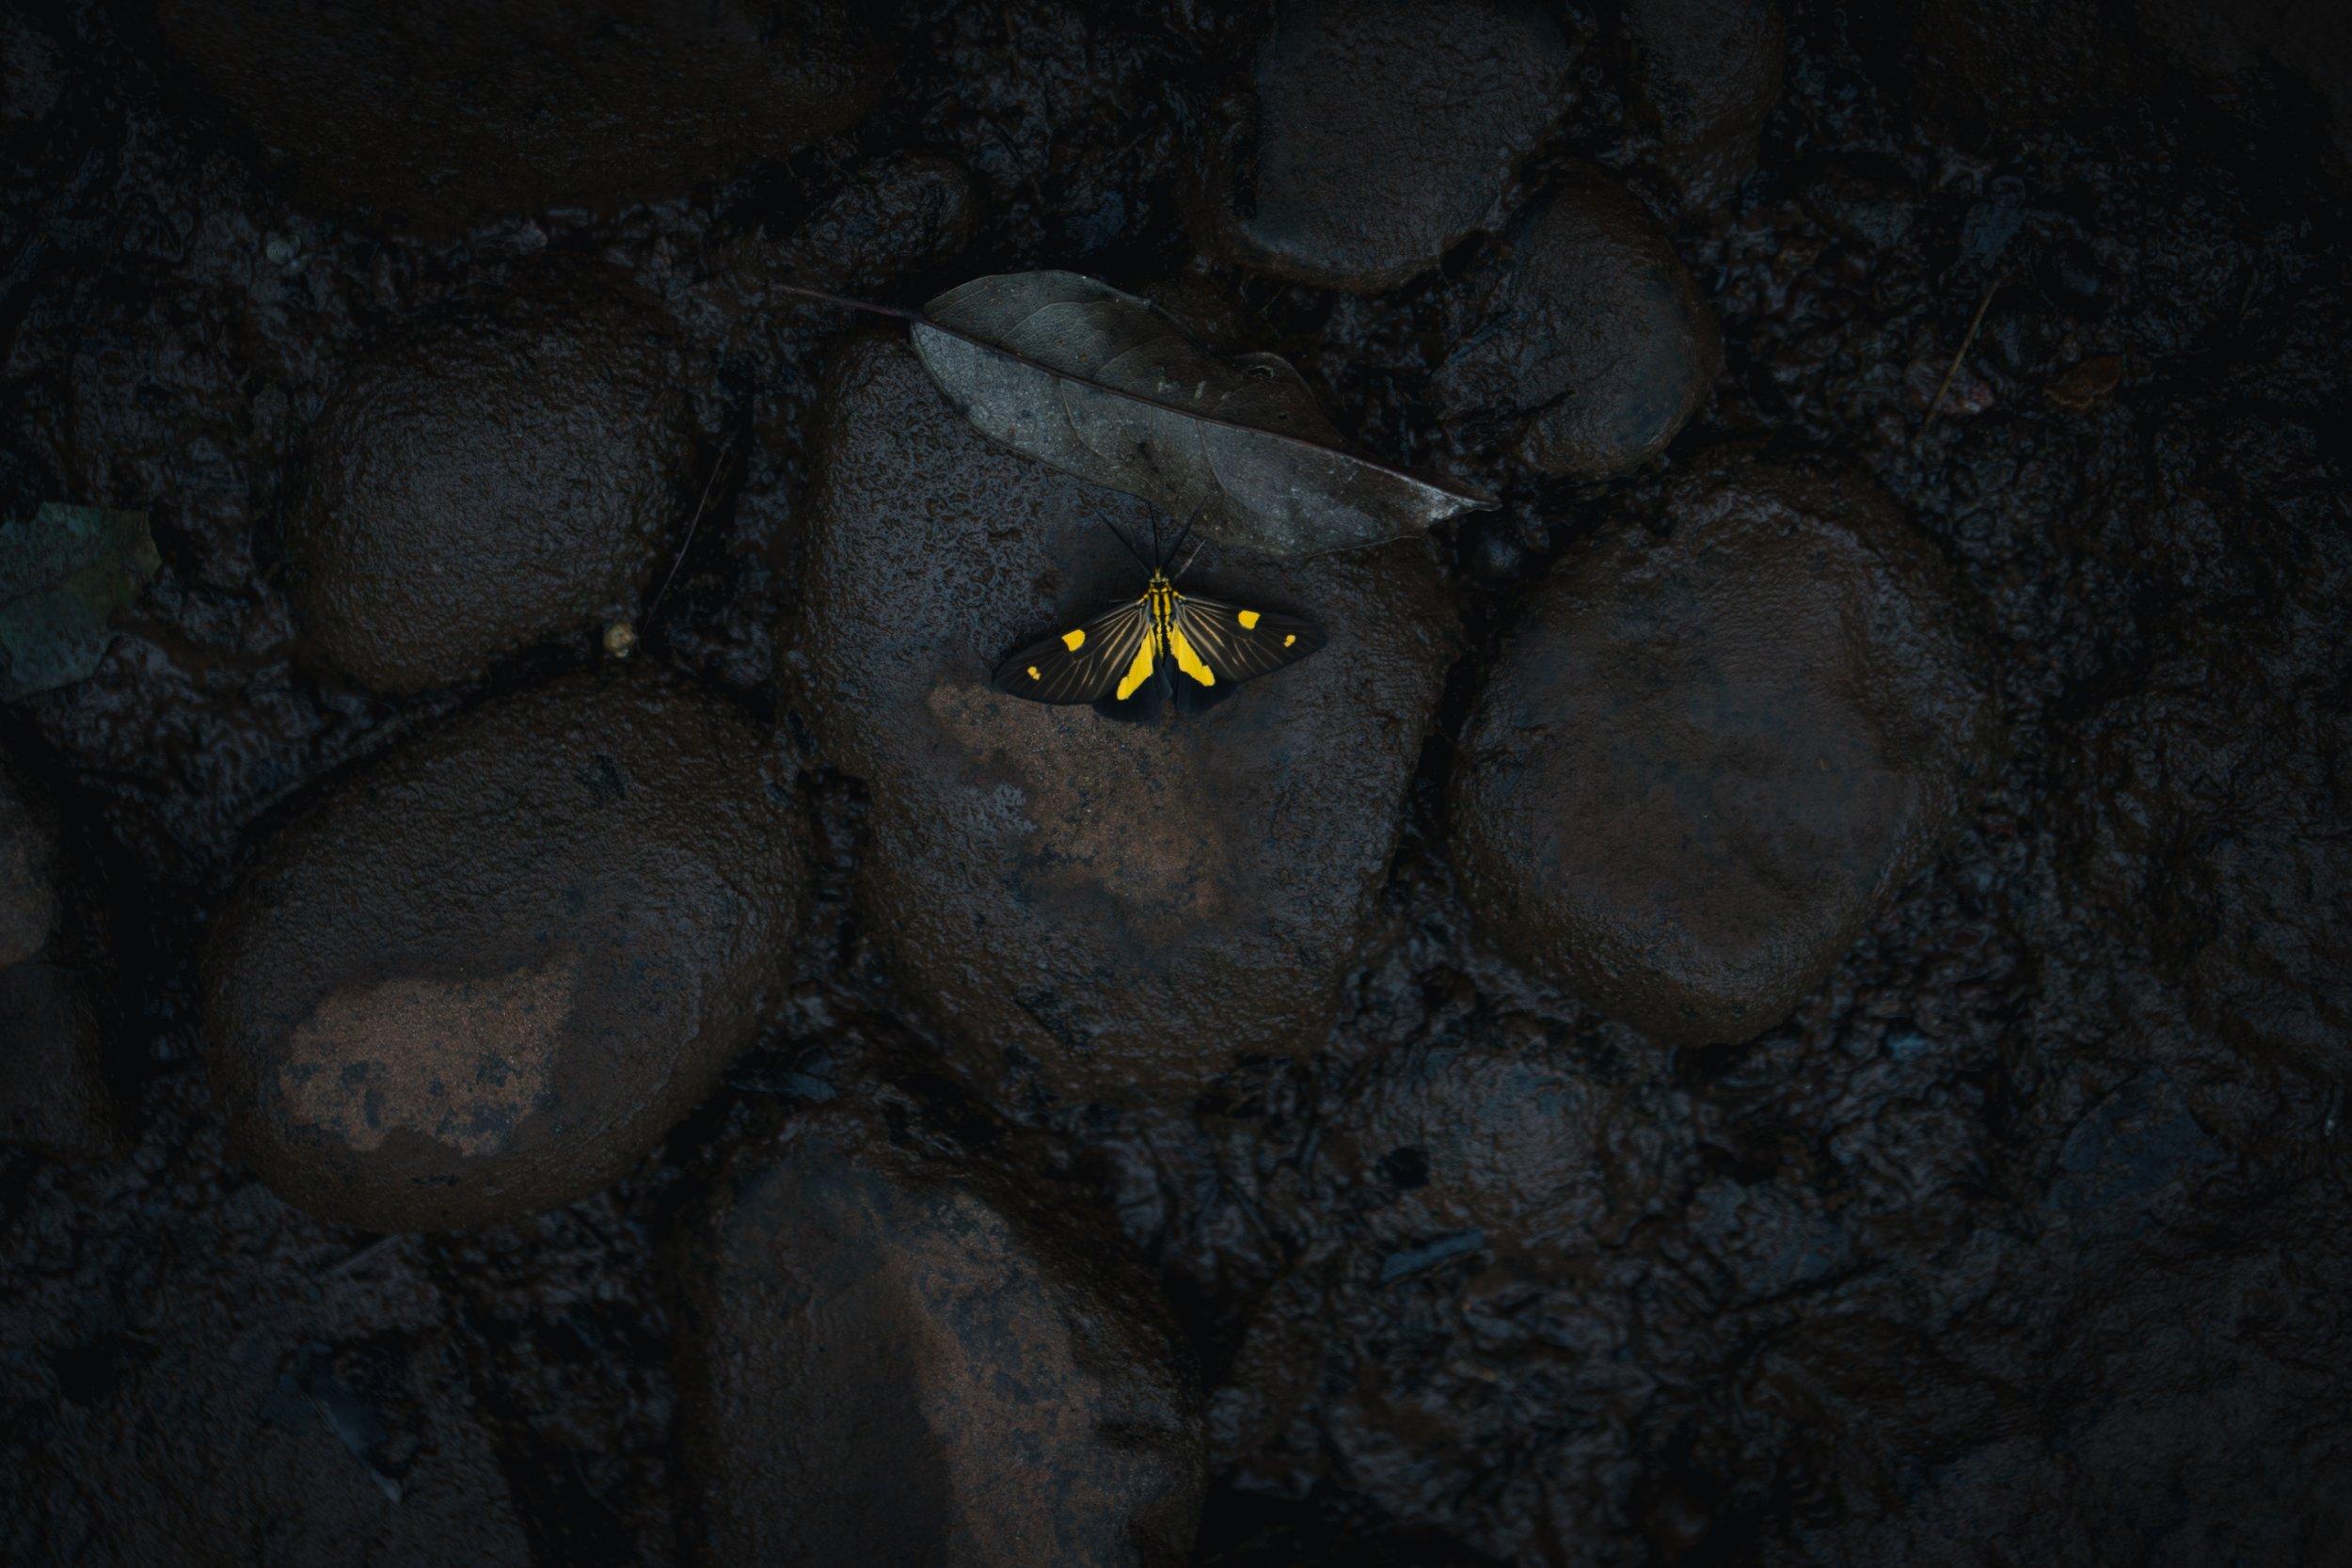 Photo by José Ignacio García Zajaczkowski on Unsplash